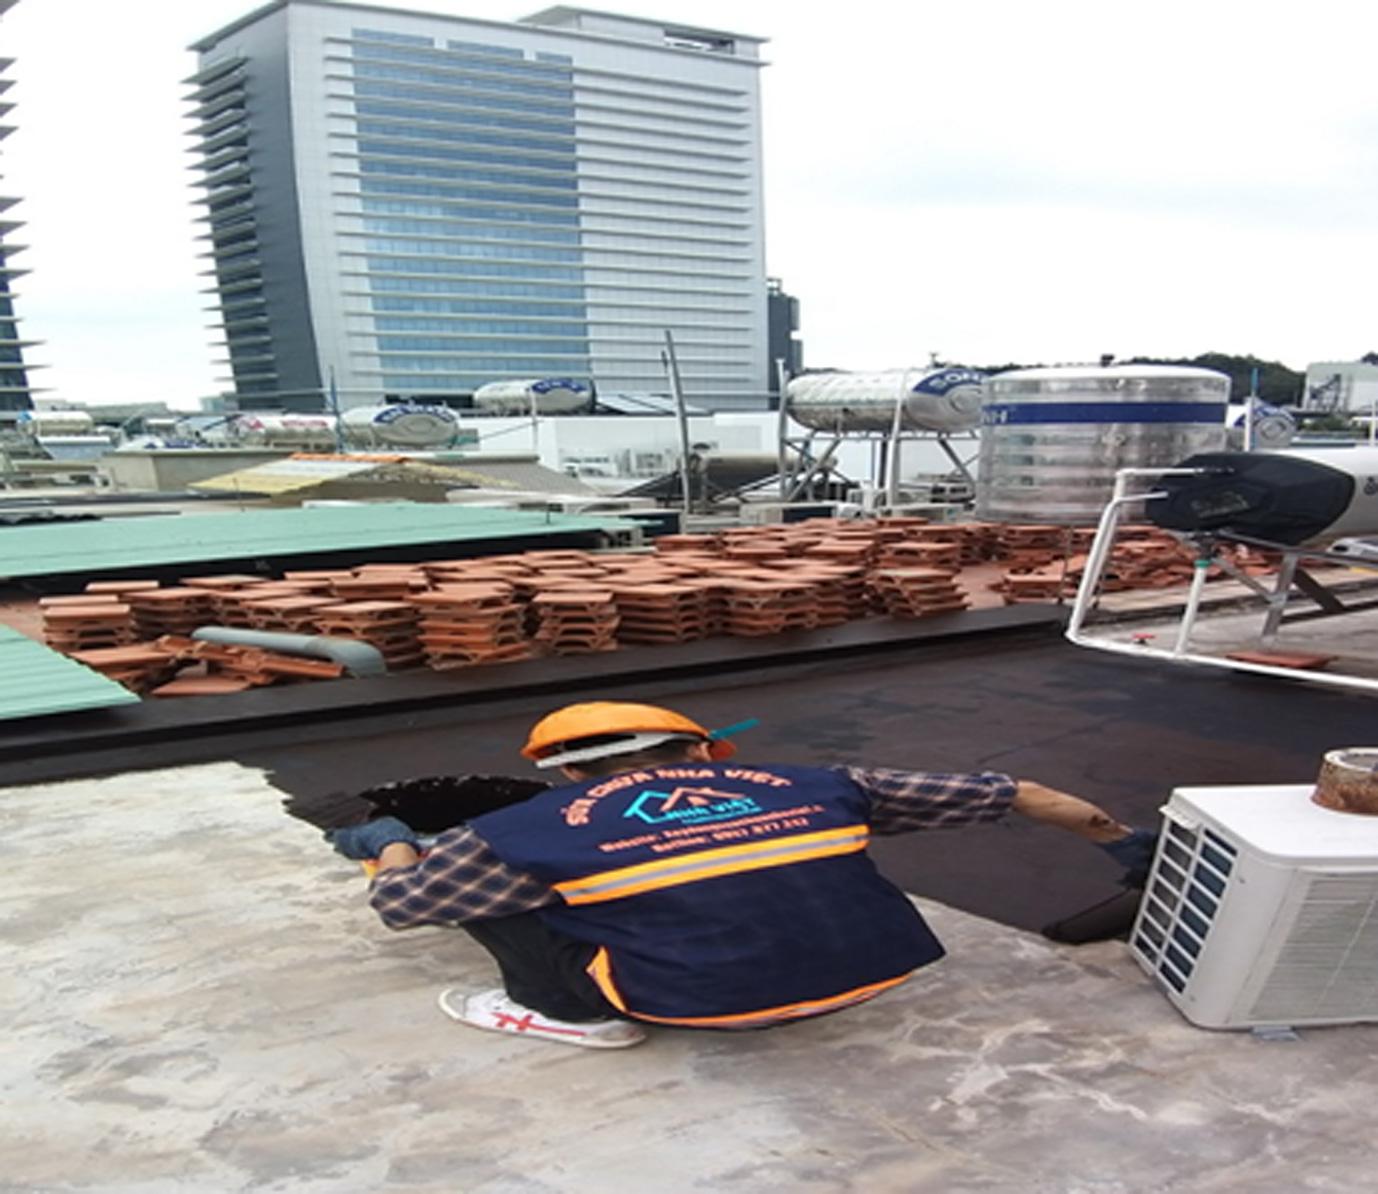 chong dot ban cong san thuong 3 - Chống thấm ban công sân thượng uy tín tại TPHCM